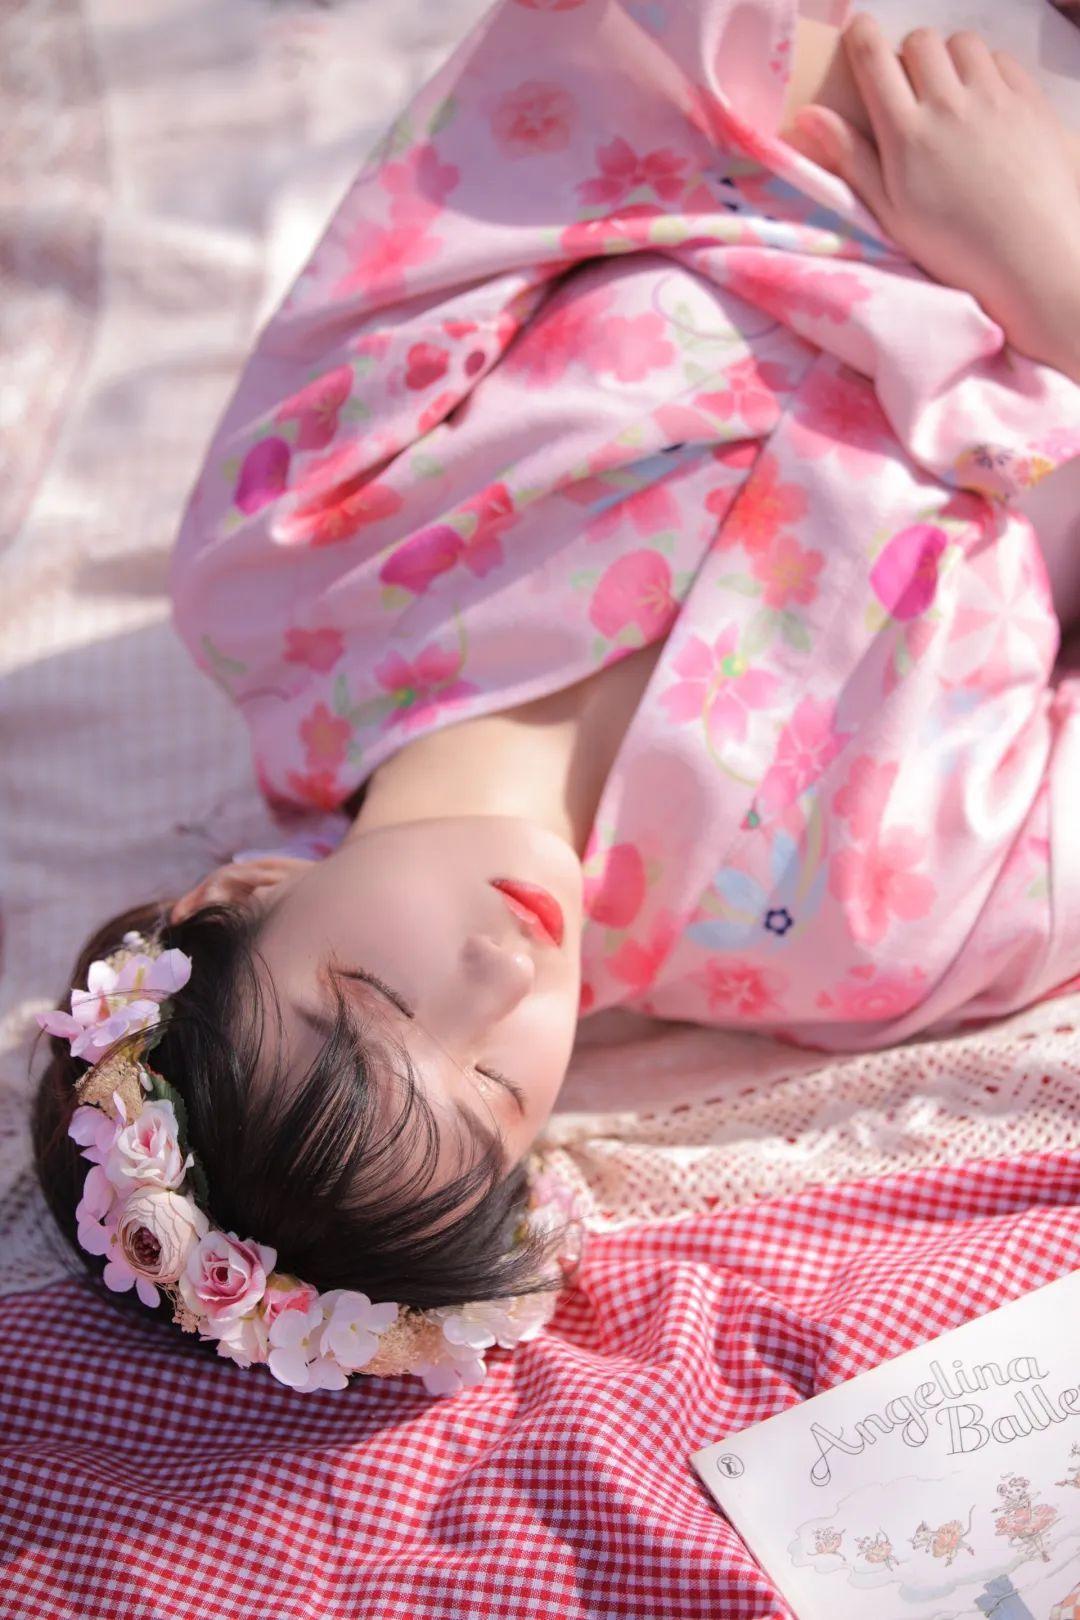 妹子摄影 – 粉粉的日系少女樱花树下写真_图片 No.25